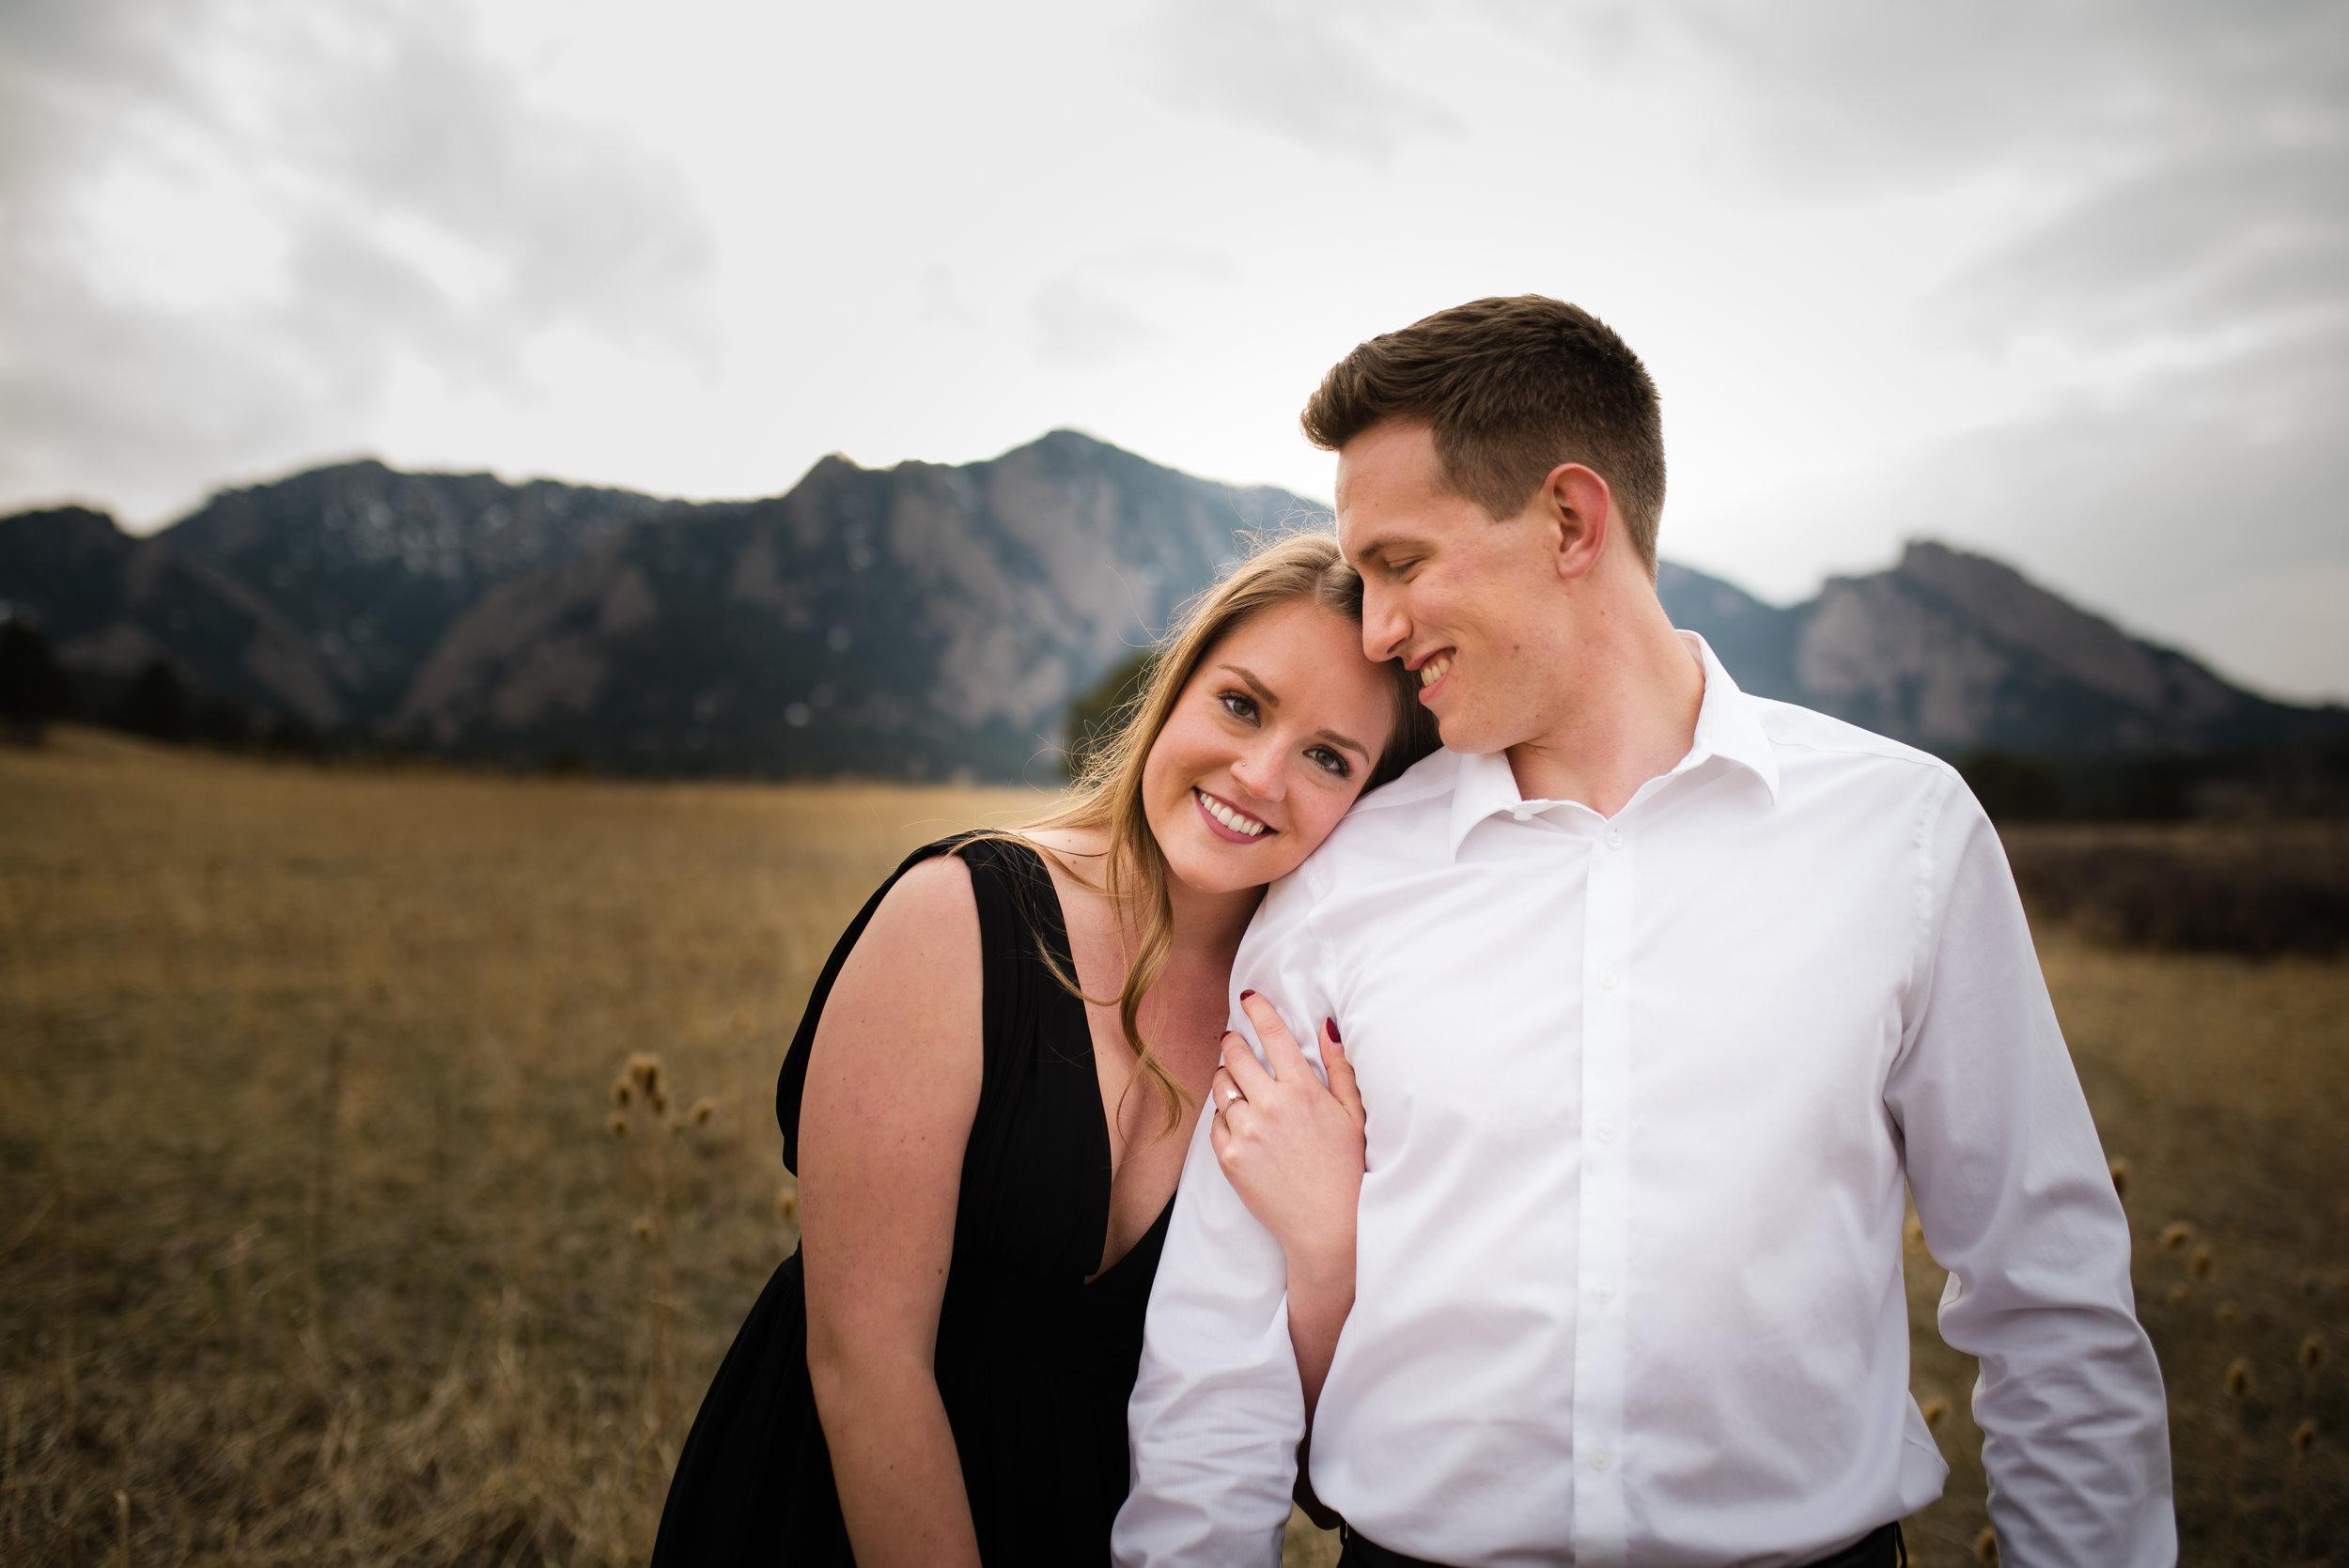 Colorado Engagement Photographer|Jennie Bennett Photography |Sarah and Matt-23.jpg